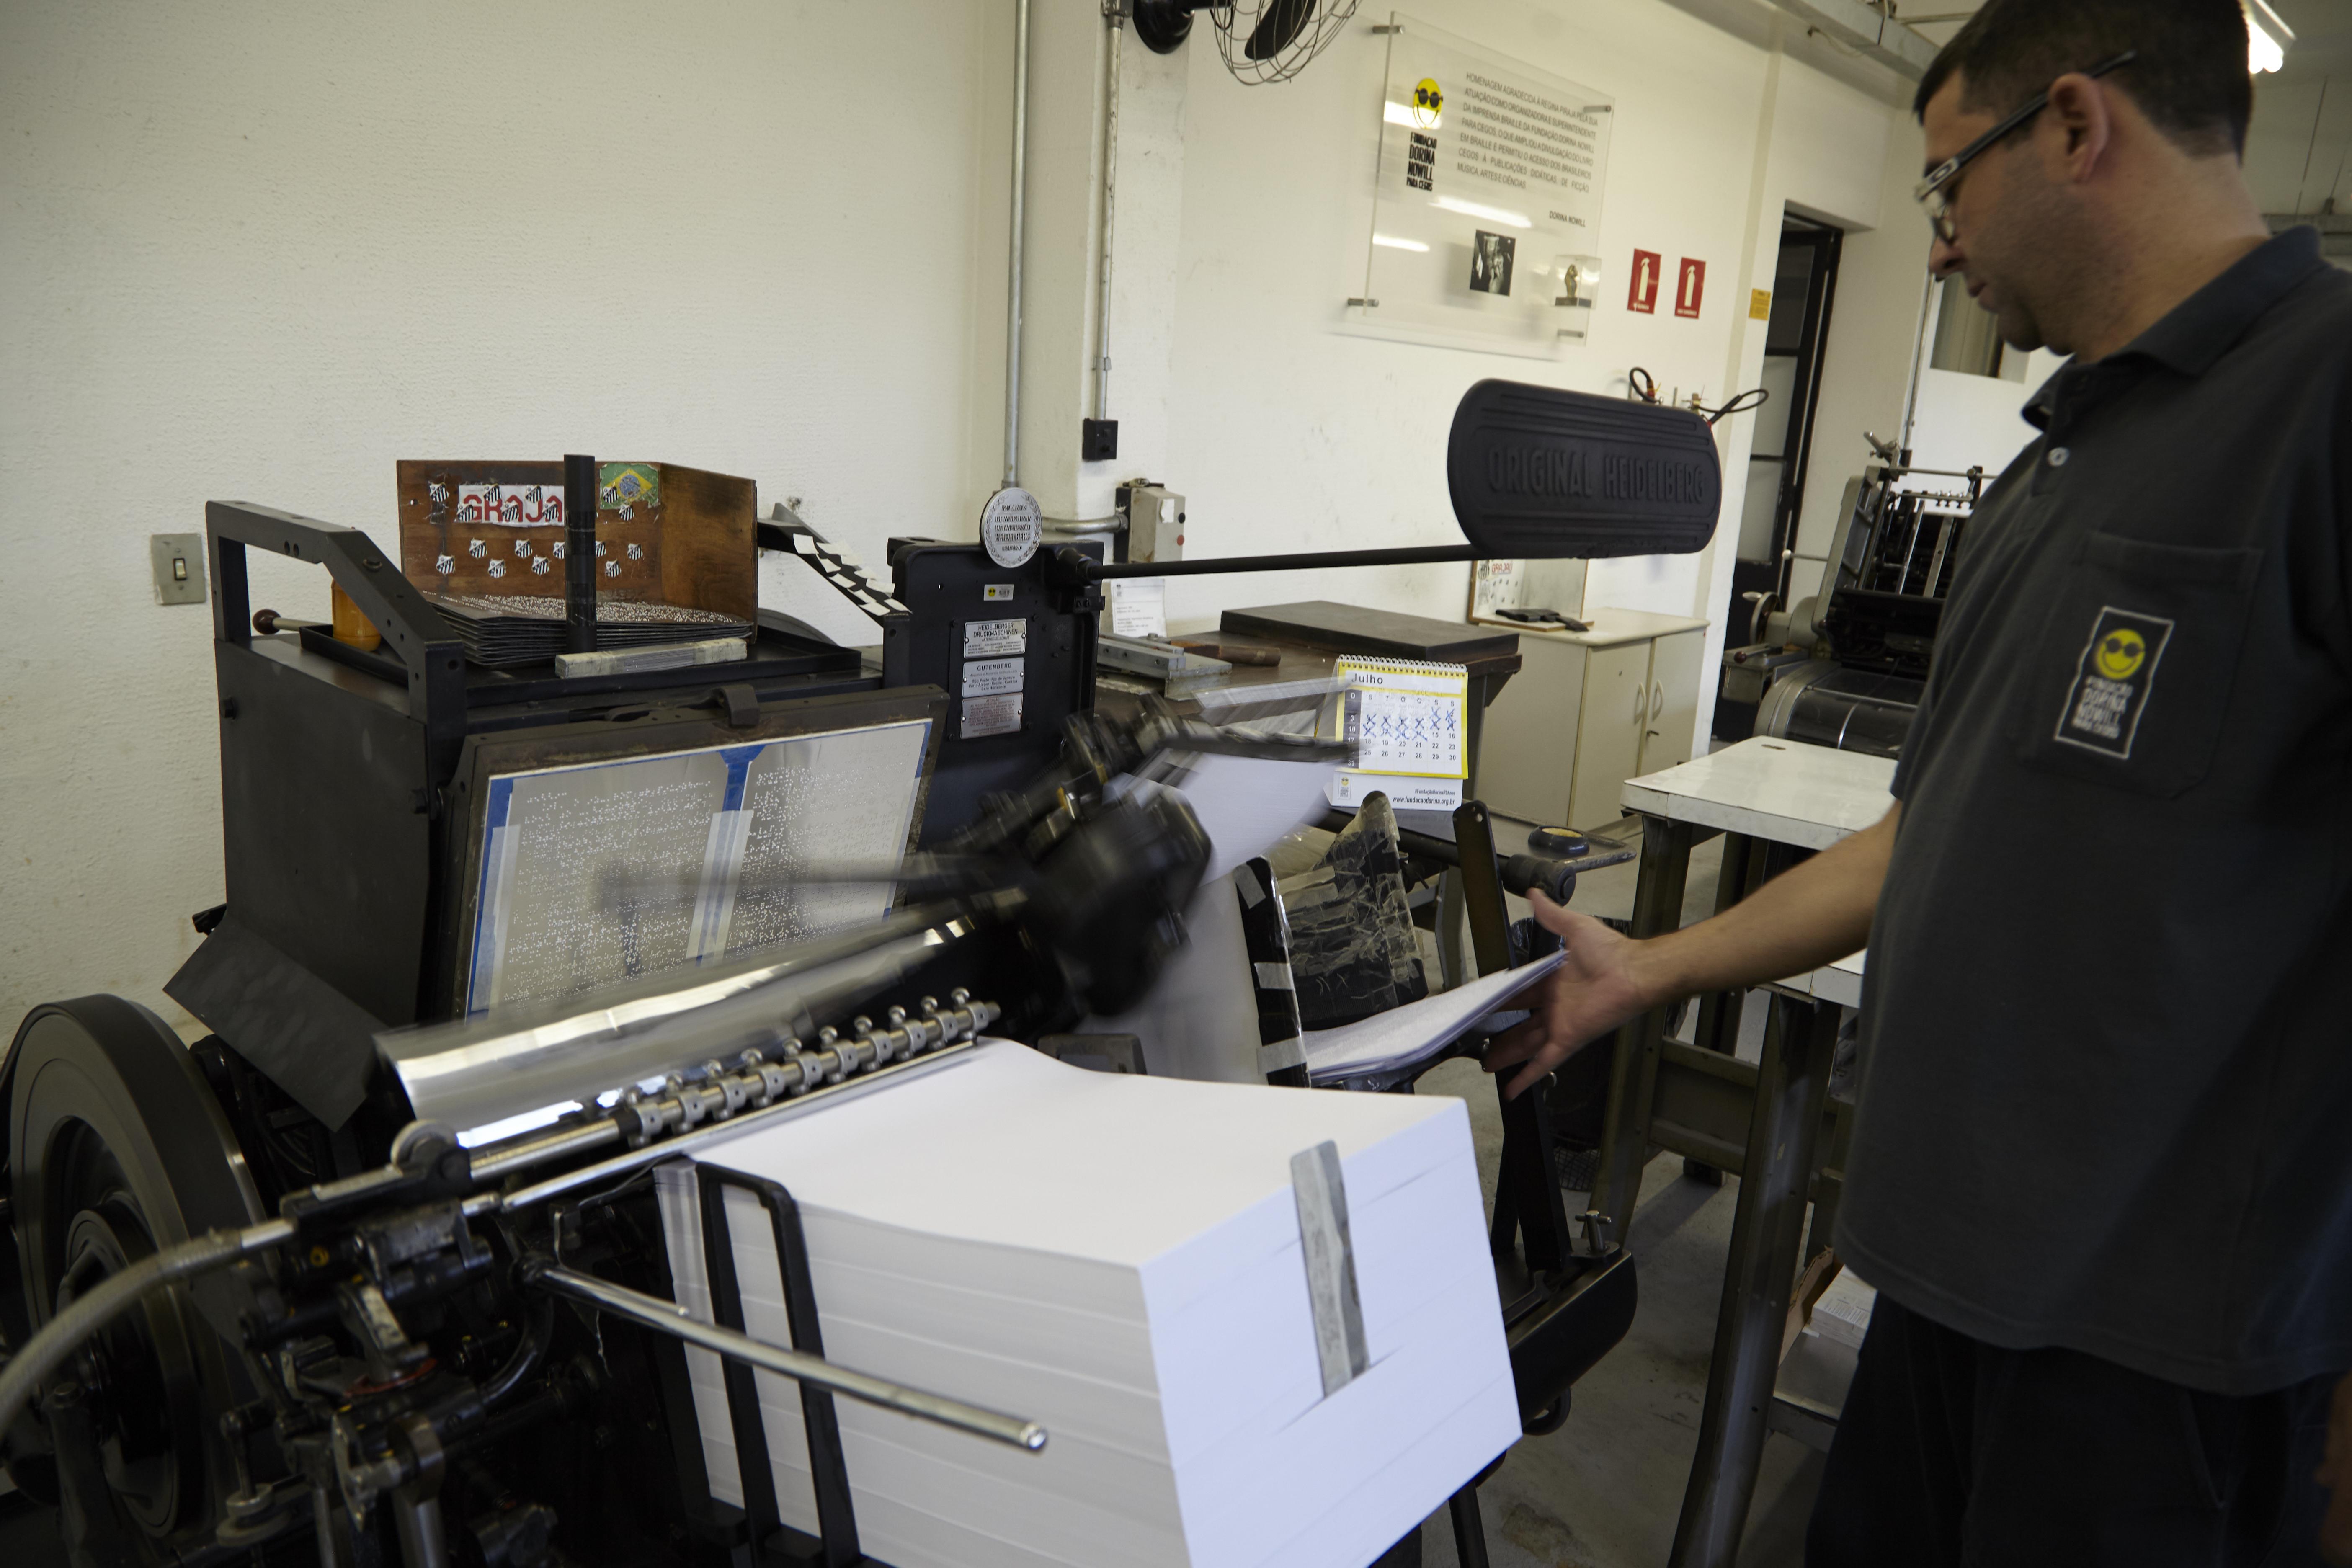 Foto de Ivo, operador da gráfica da Fundação, manuseando uma máquina de impressão em braille. Ele está no canto direito da imagem, vestindo uma camisa preta com o logotipo da Fundação. Ele está de perfil e sua mão direita está esticada até encostar em folhas de papel que estão apoiadas na máquina, que está à sua frente com uma grande pilha de papéis brancos.